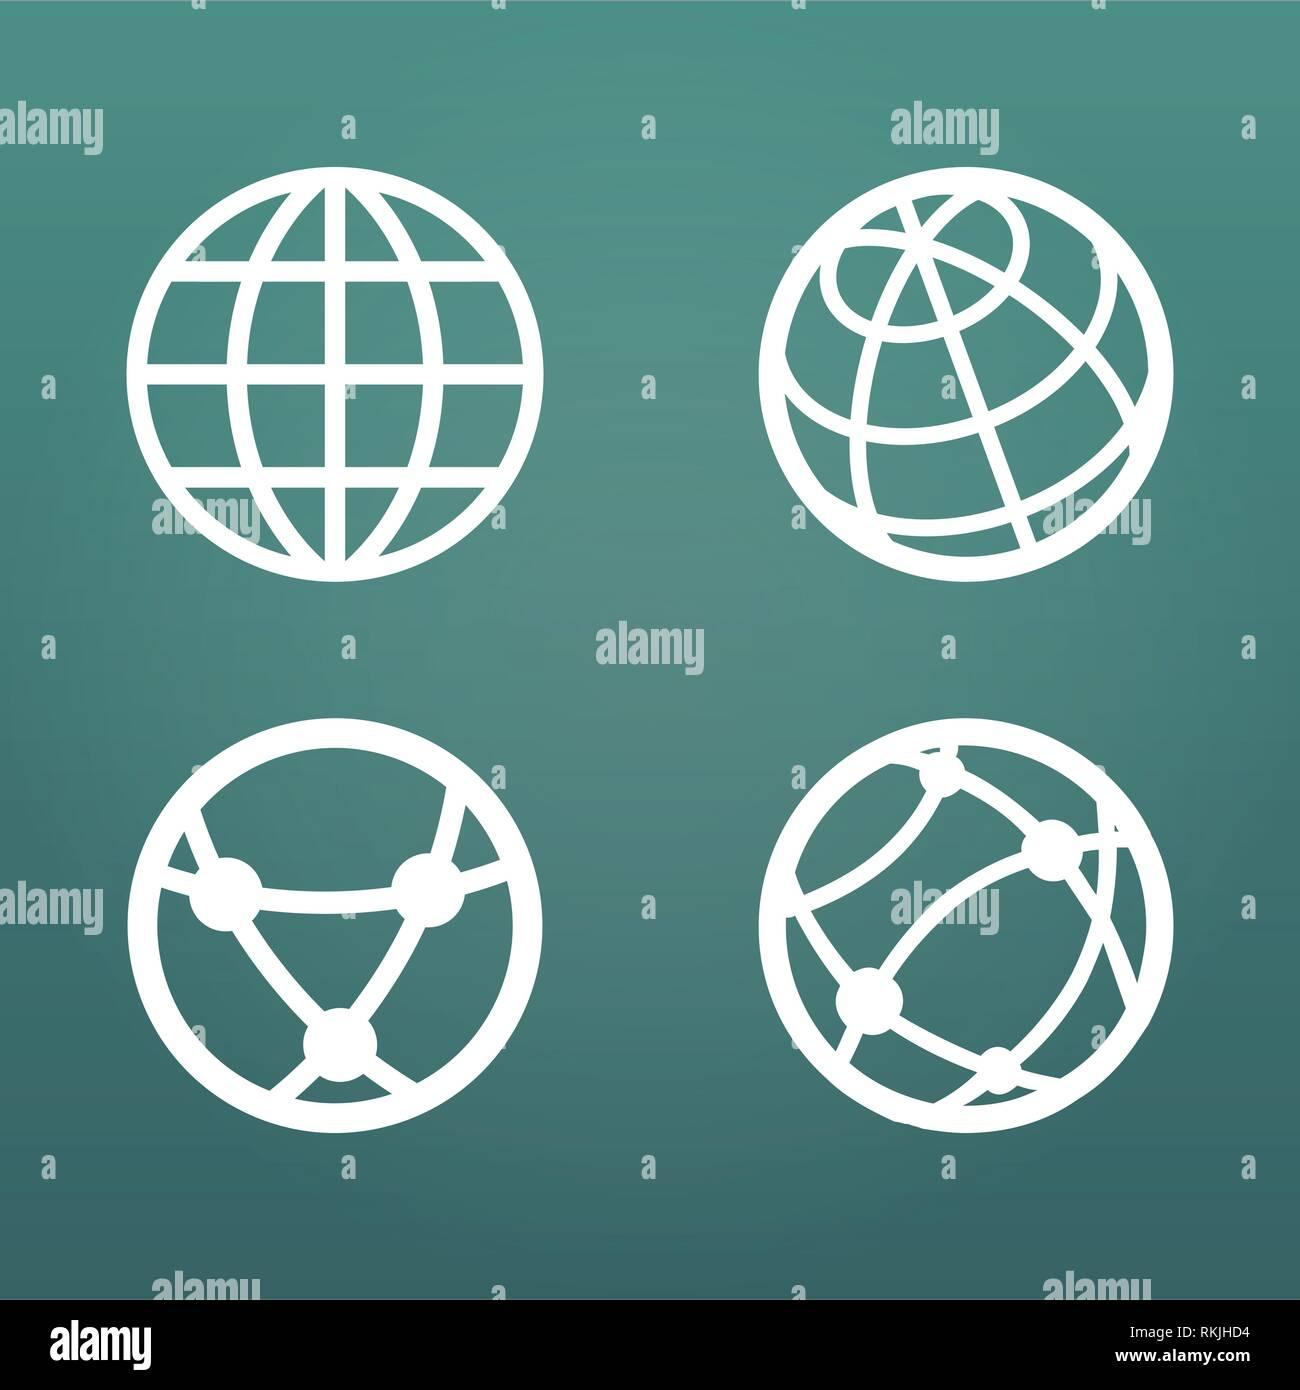 805392d2fc749 Globo lineal blanco conjunto de iconos para aplicaciones web ui.  Ilustración vectorial aislado sobre fondo moderno